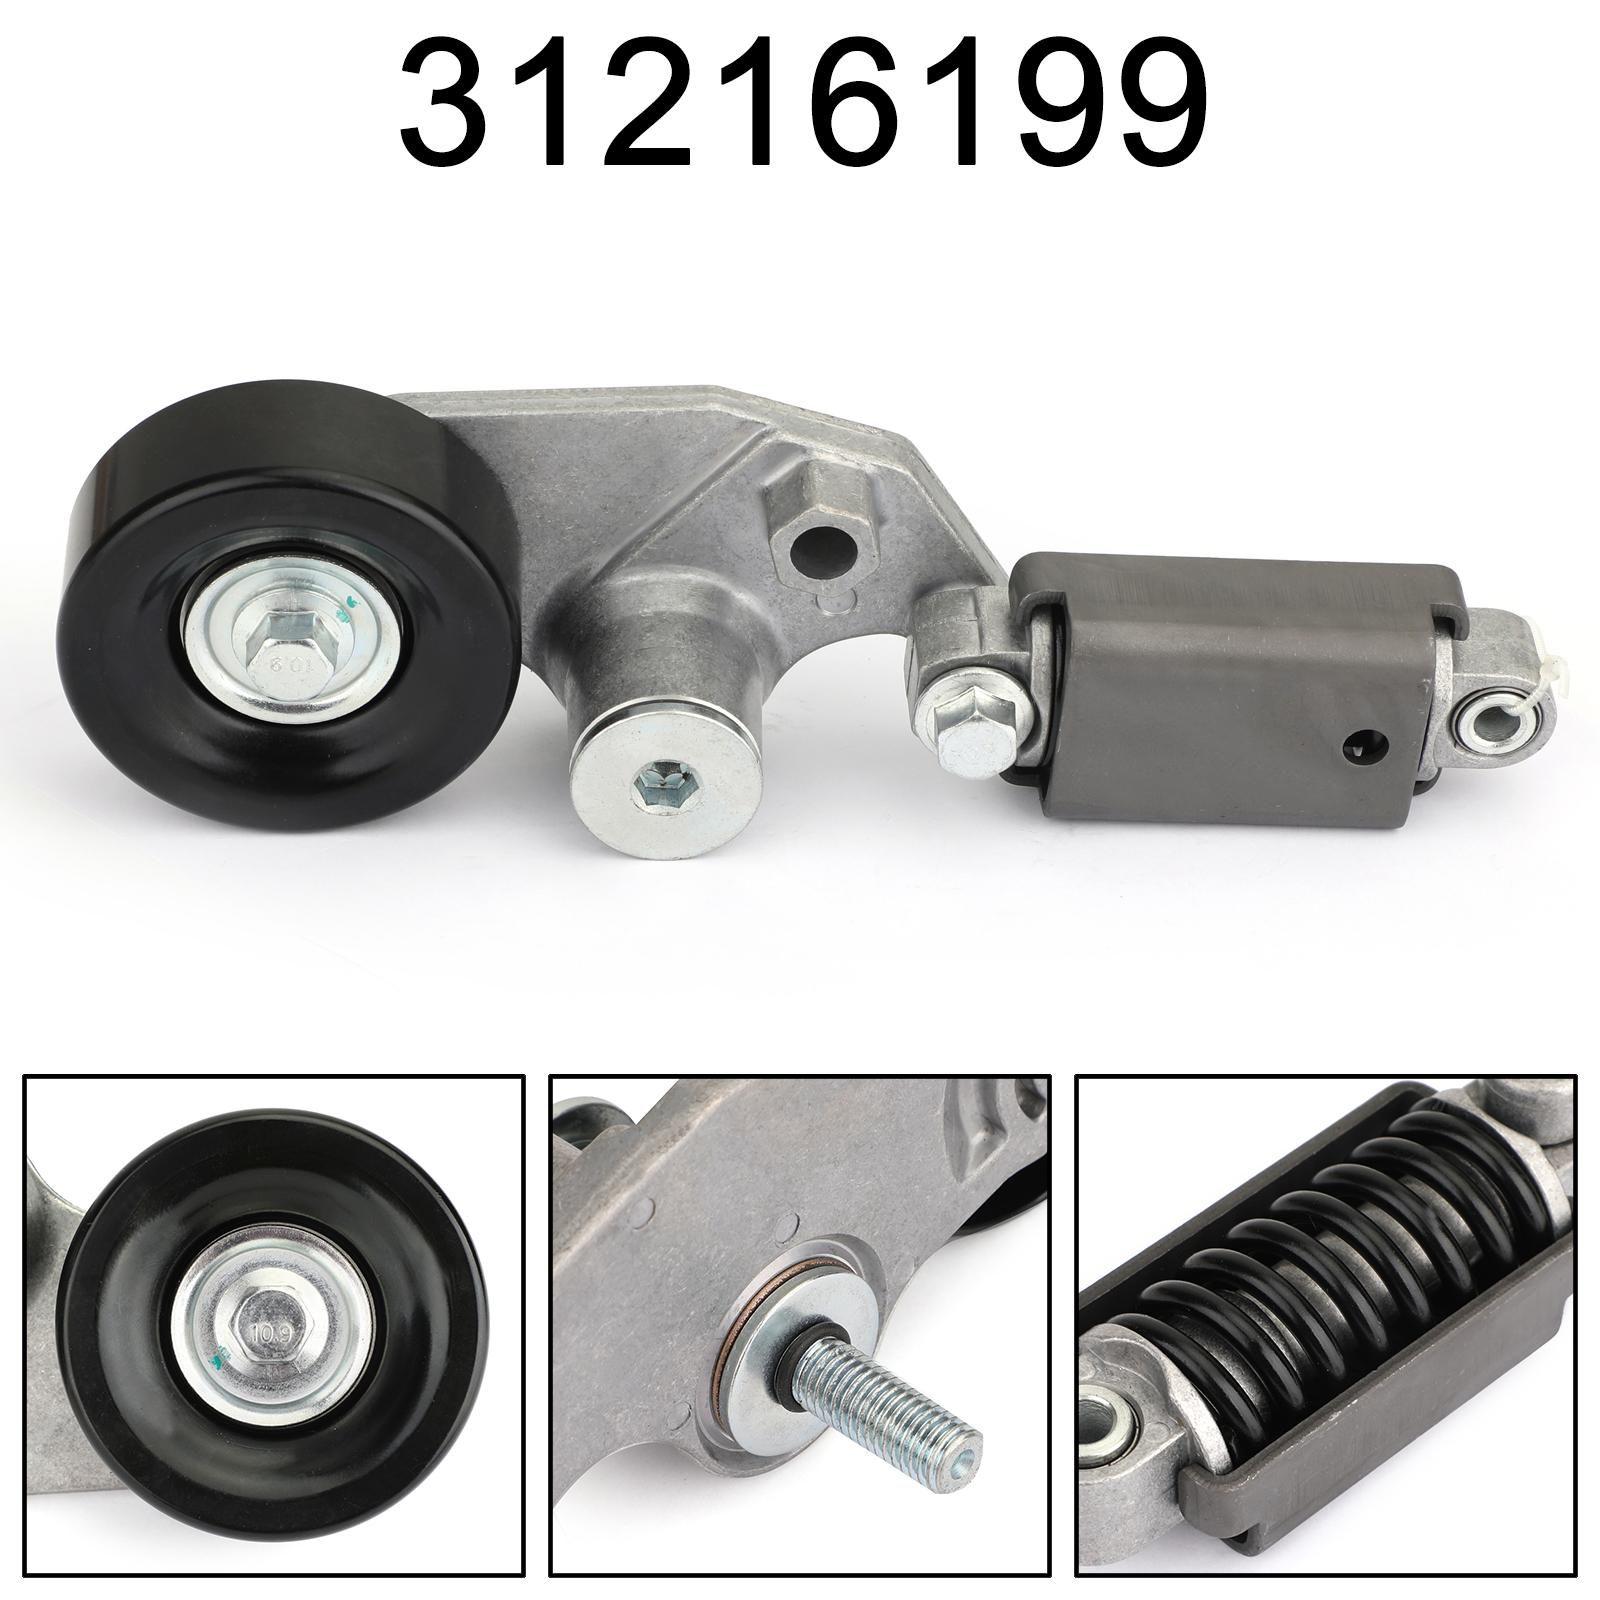 Areyourshop voiture nouvel accessoire pour ceinture Tendeur Volvo S80 Xc90 2005 -2011 31216199 15657148 Accessoires Pièces d'auto